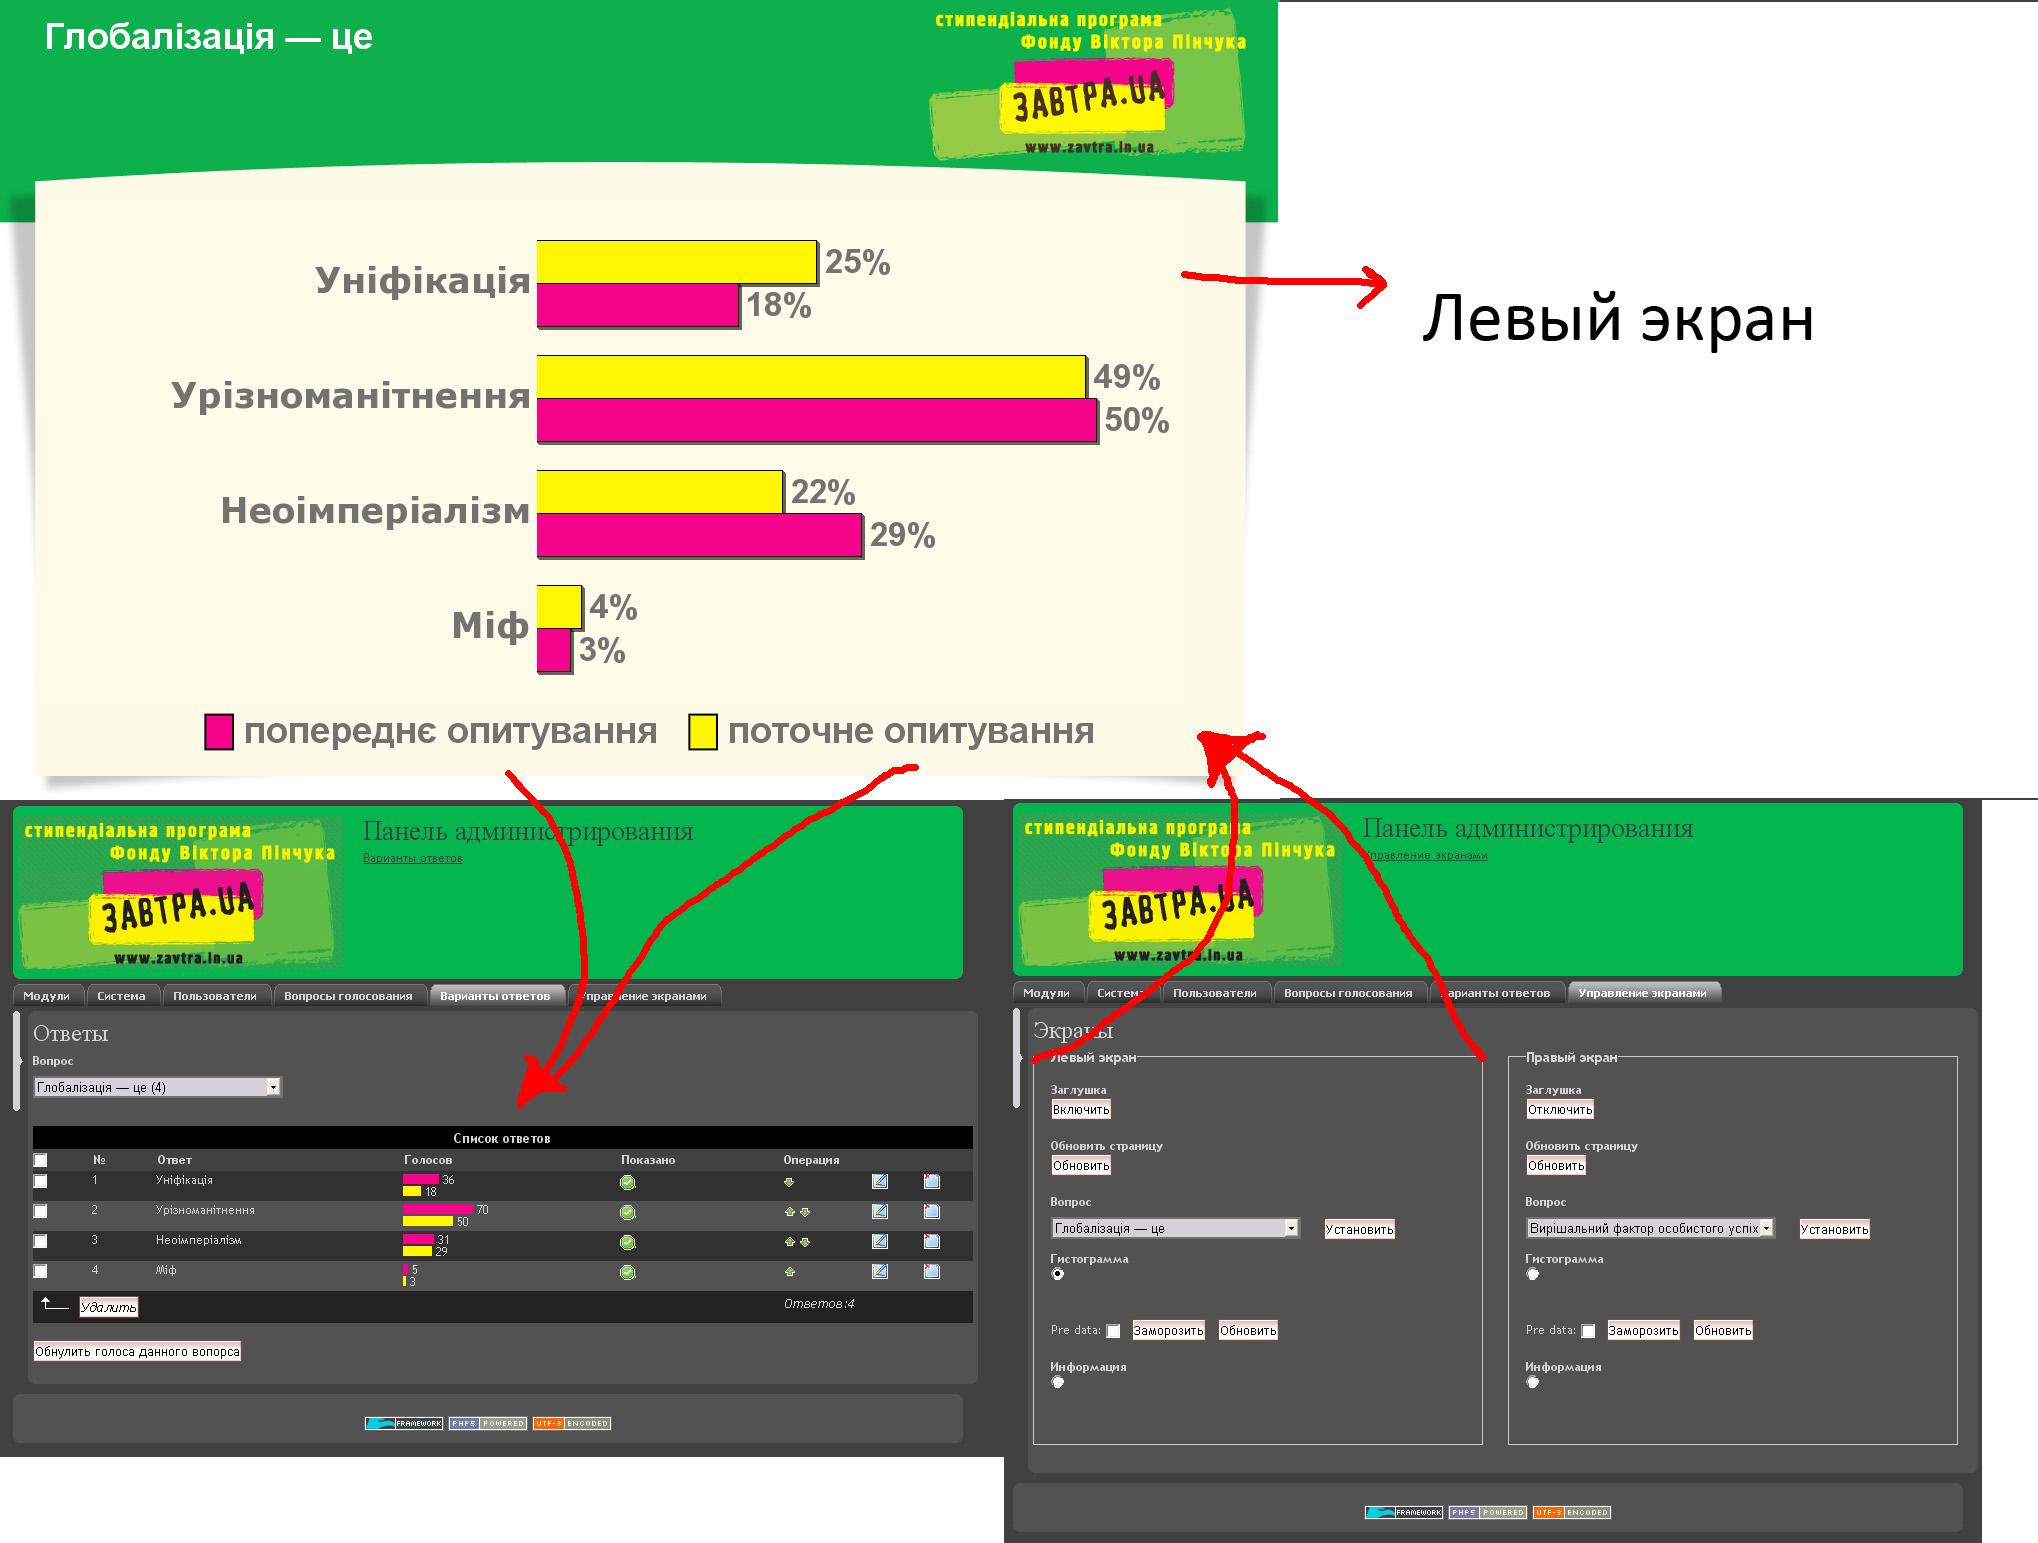 Zavtra.ua - Результаты СМС голосования